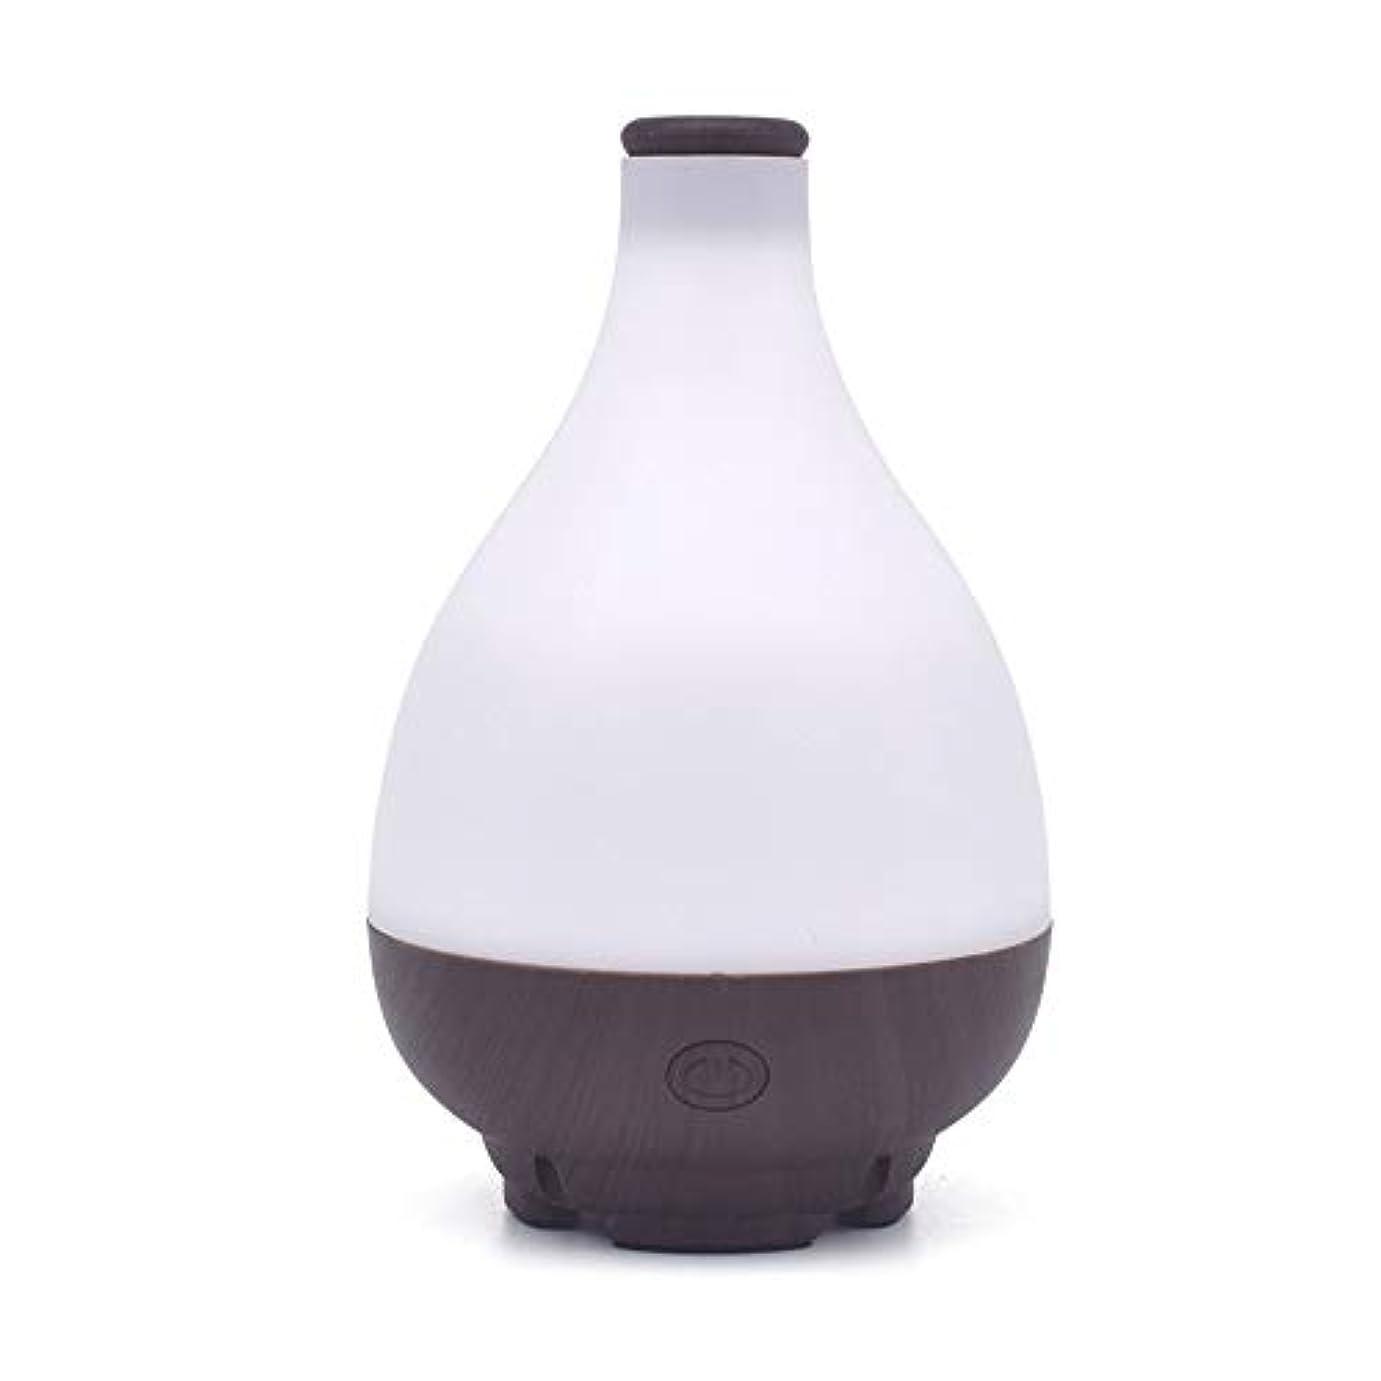 マウンド投票更新する水滴は、エッセンシャルオイルディフューザーは、ミスト加湿器ディフューザーのホームヨガのオフィスをクール形 (Color : Deep wood grain, Size : 9.8×15.5)